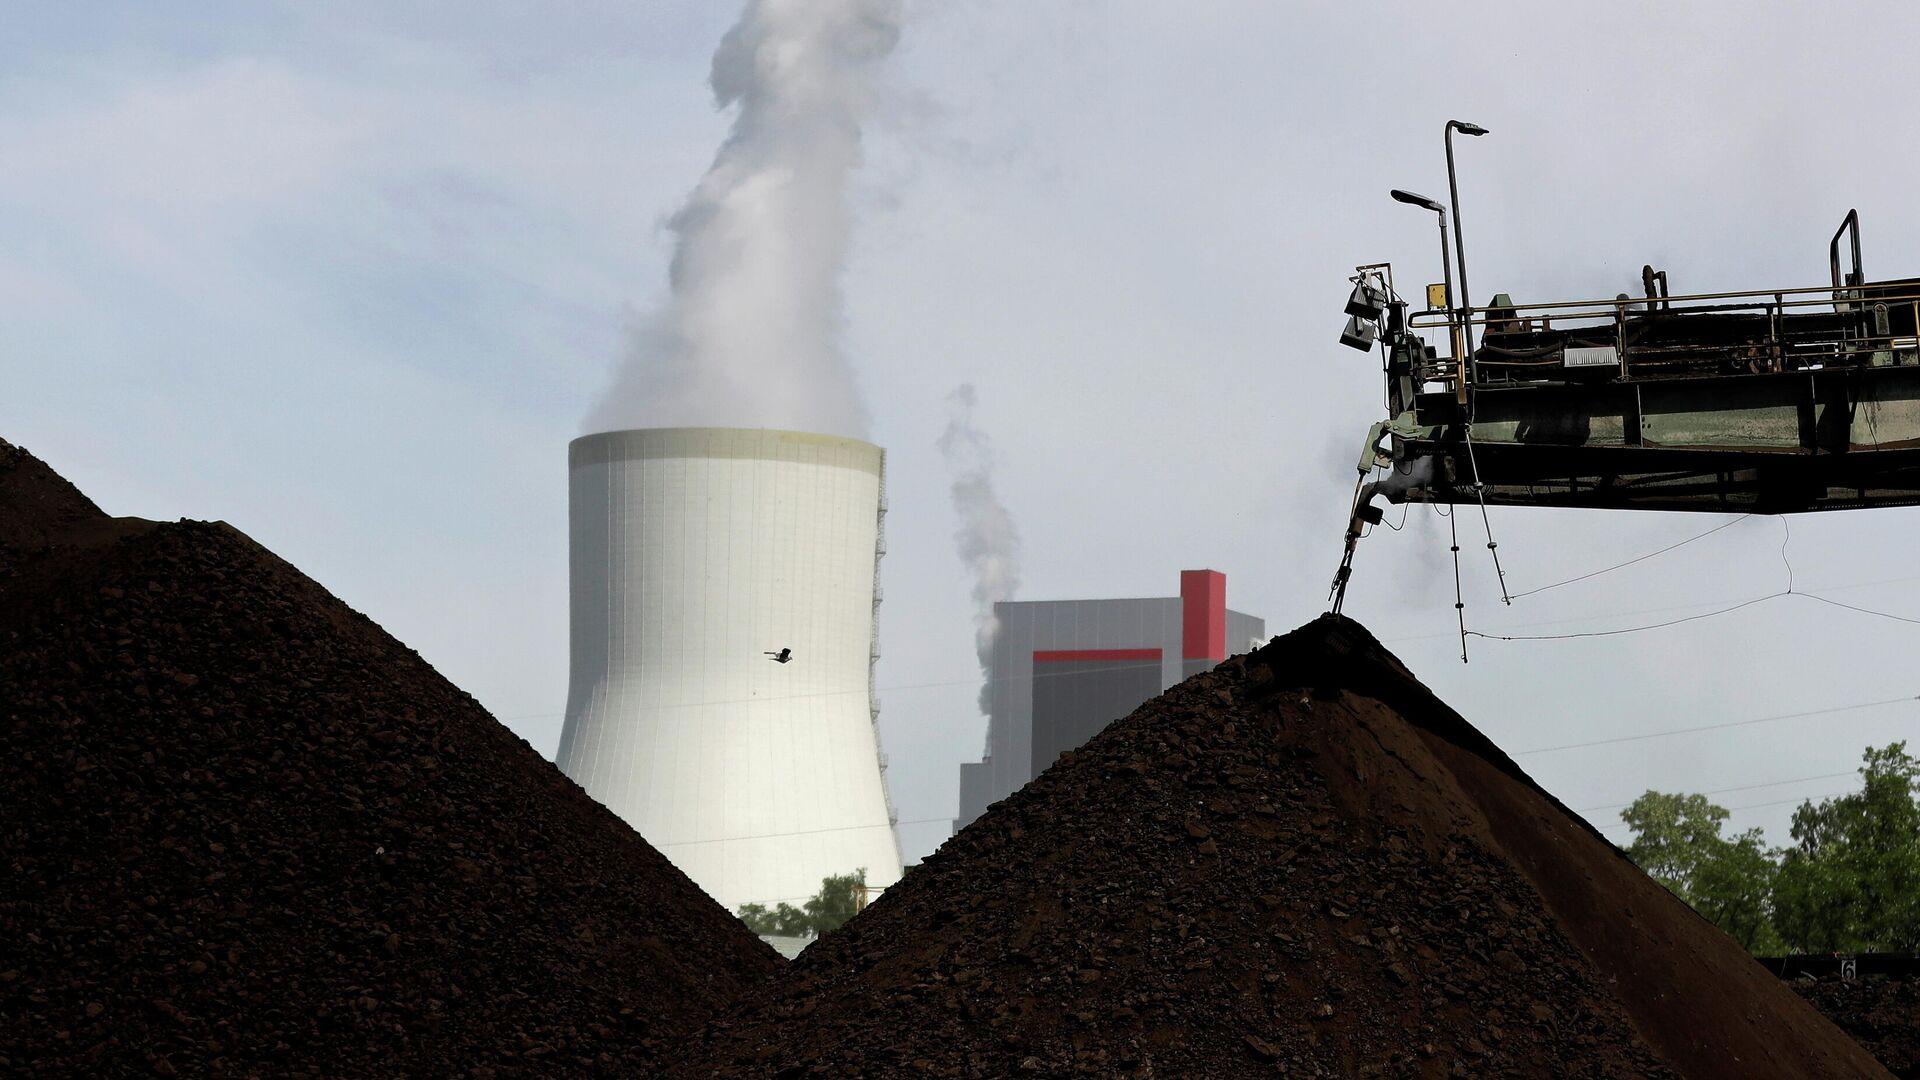 Градирня угольной электростанции возле Туровского угольного разреза в Польше - РИА Новости, 1920, 24.09.2021